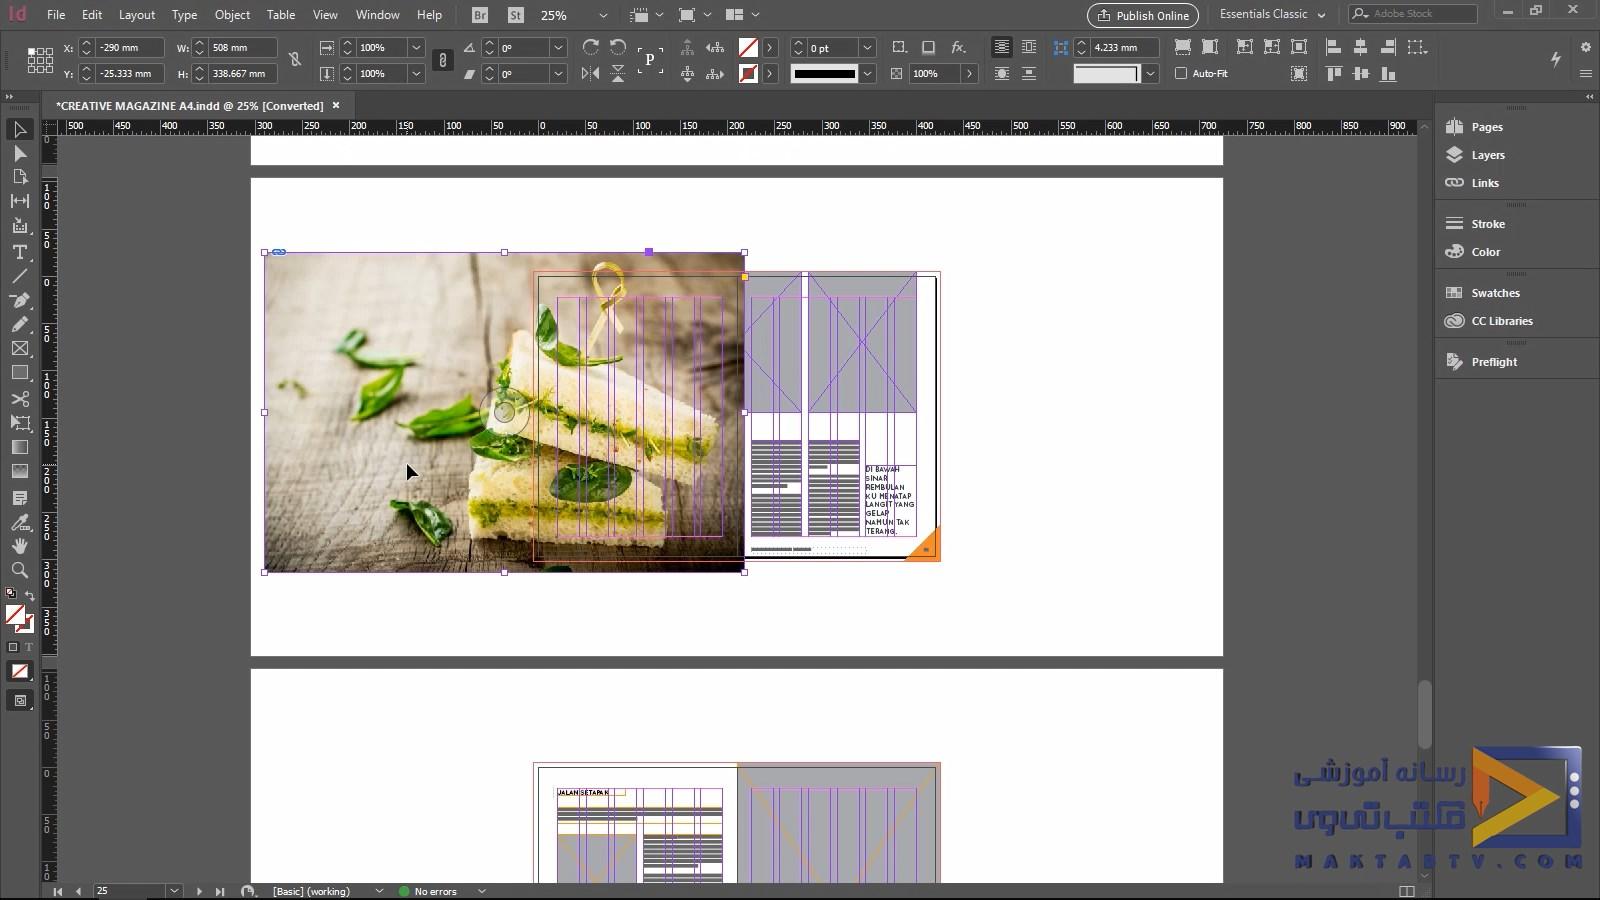 وارد کردن عکس ها و طراحی ها به داخل صفحه در آموزش ایندیزاین